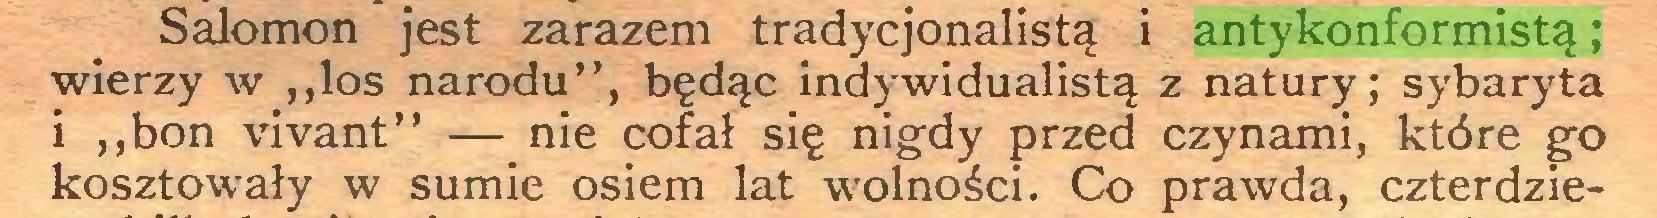 """(...) Salomon jest zarazem tradycjonalistą i antykonformistą; wierzy w ,,los narodu"""", będąc indywidualistą z natury; sybaryta i """"bon vivant"""" — nie cofał się nigdy przed czynami, które go kosztowały w sumie osiem lat wolności. Co prawda, czterdzie..."""